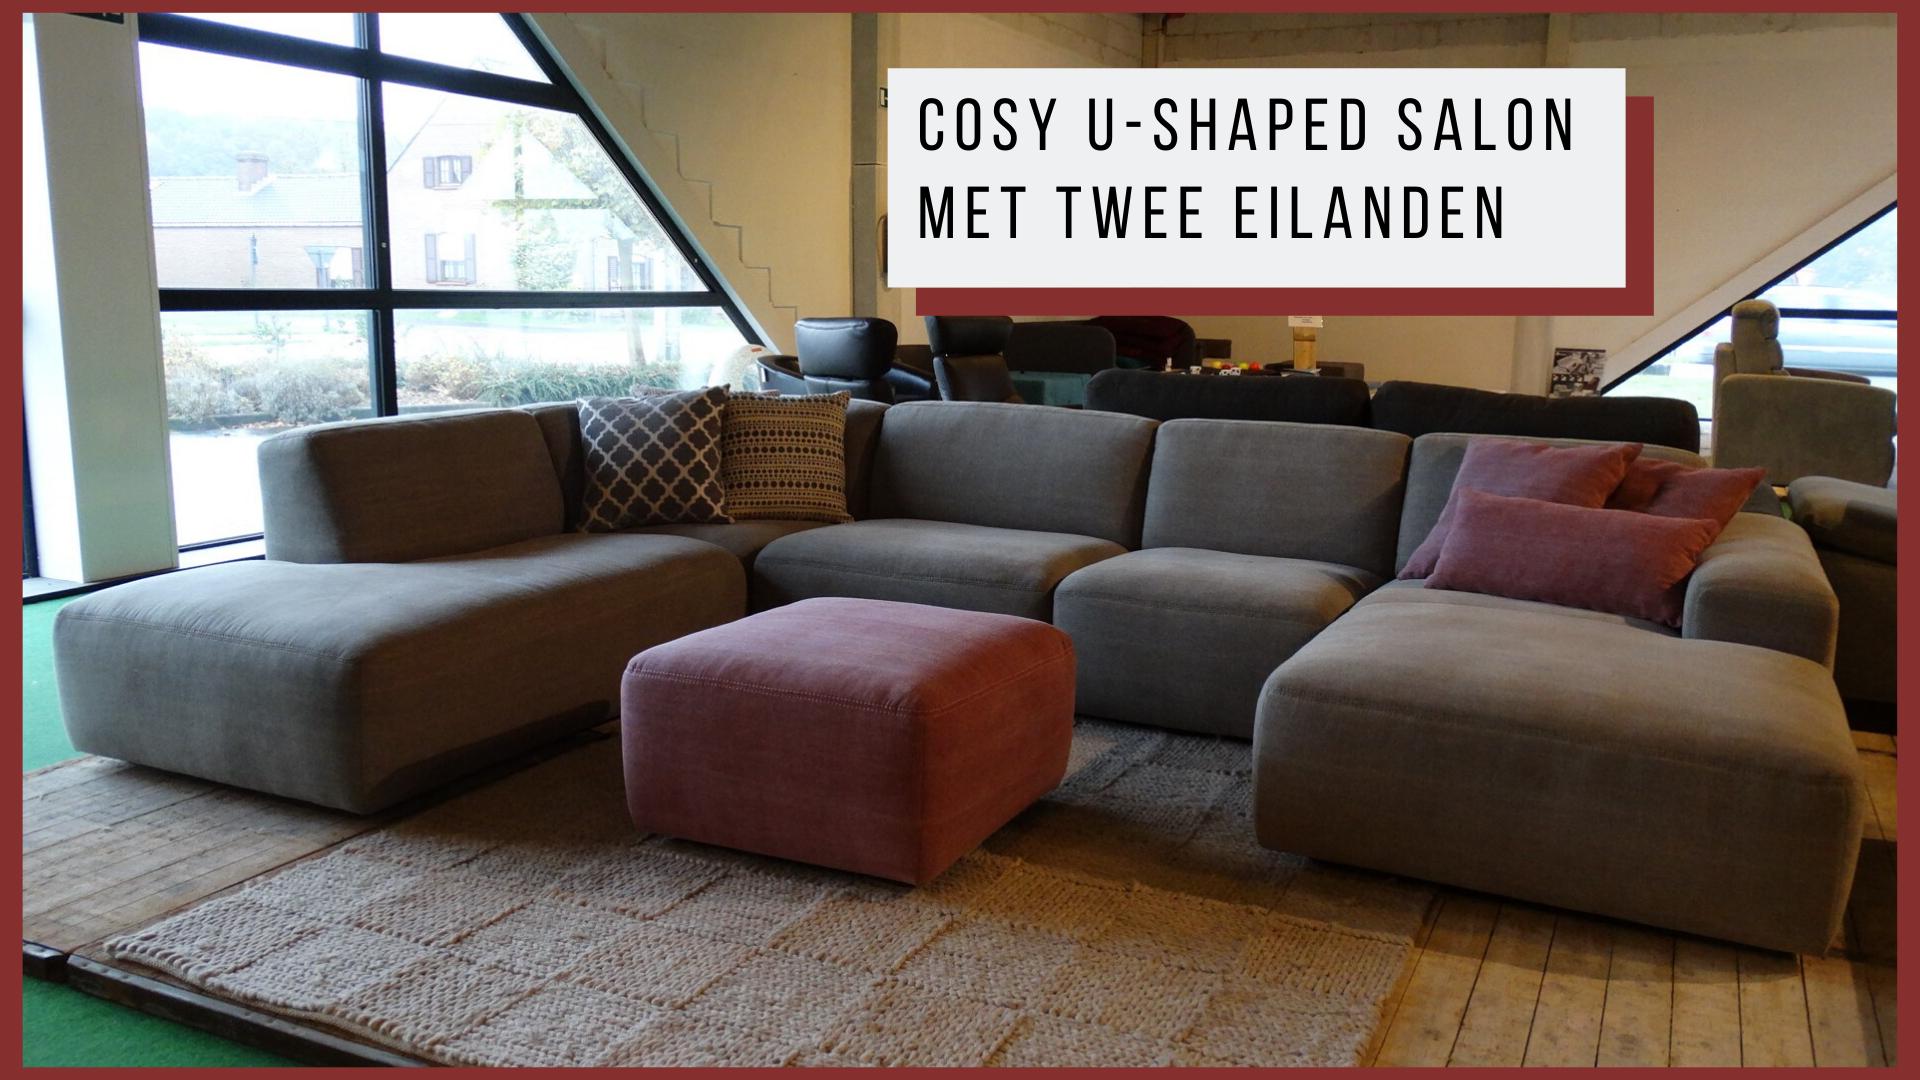 cosy u-shaped salon